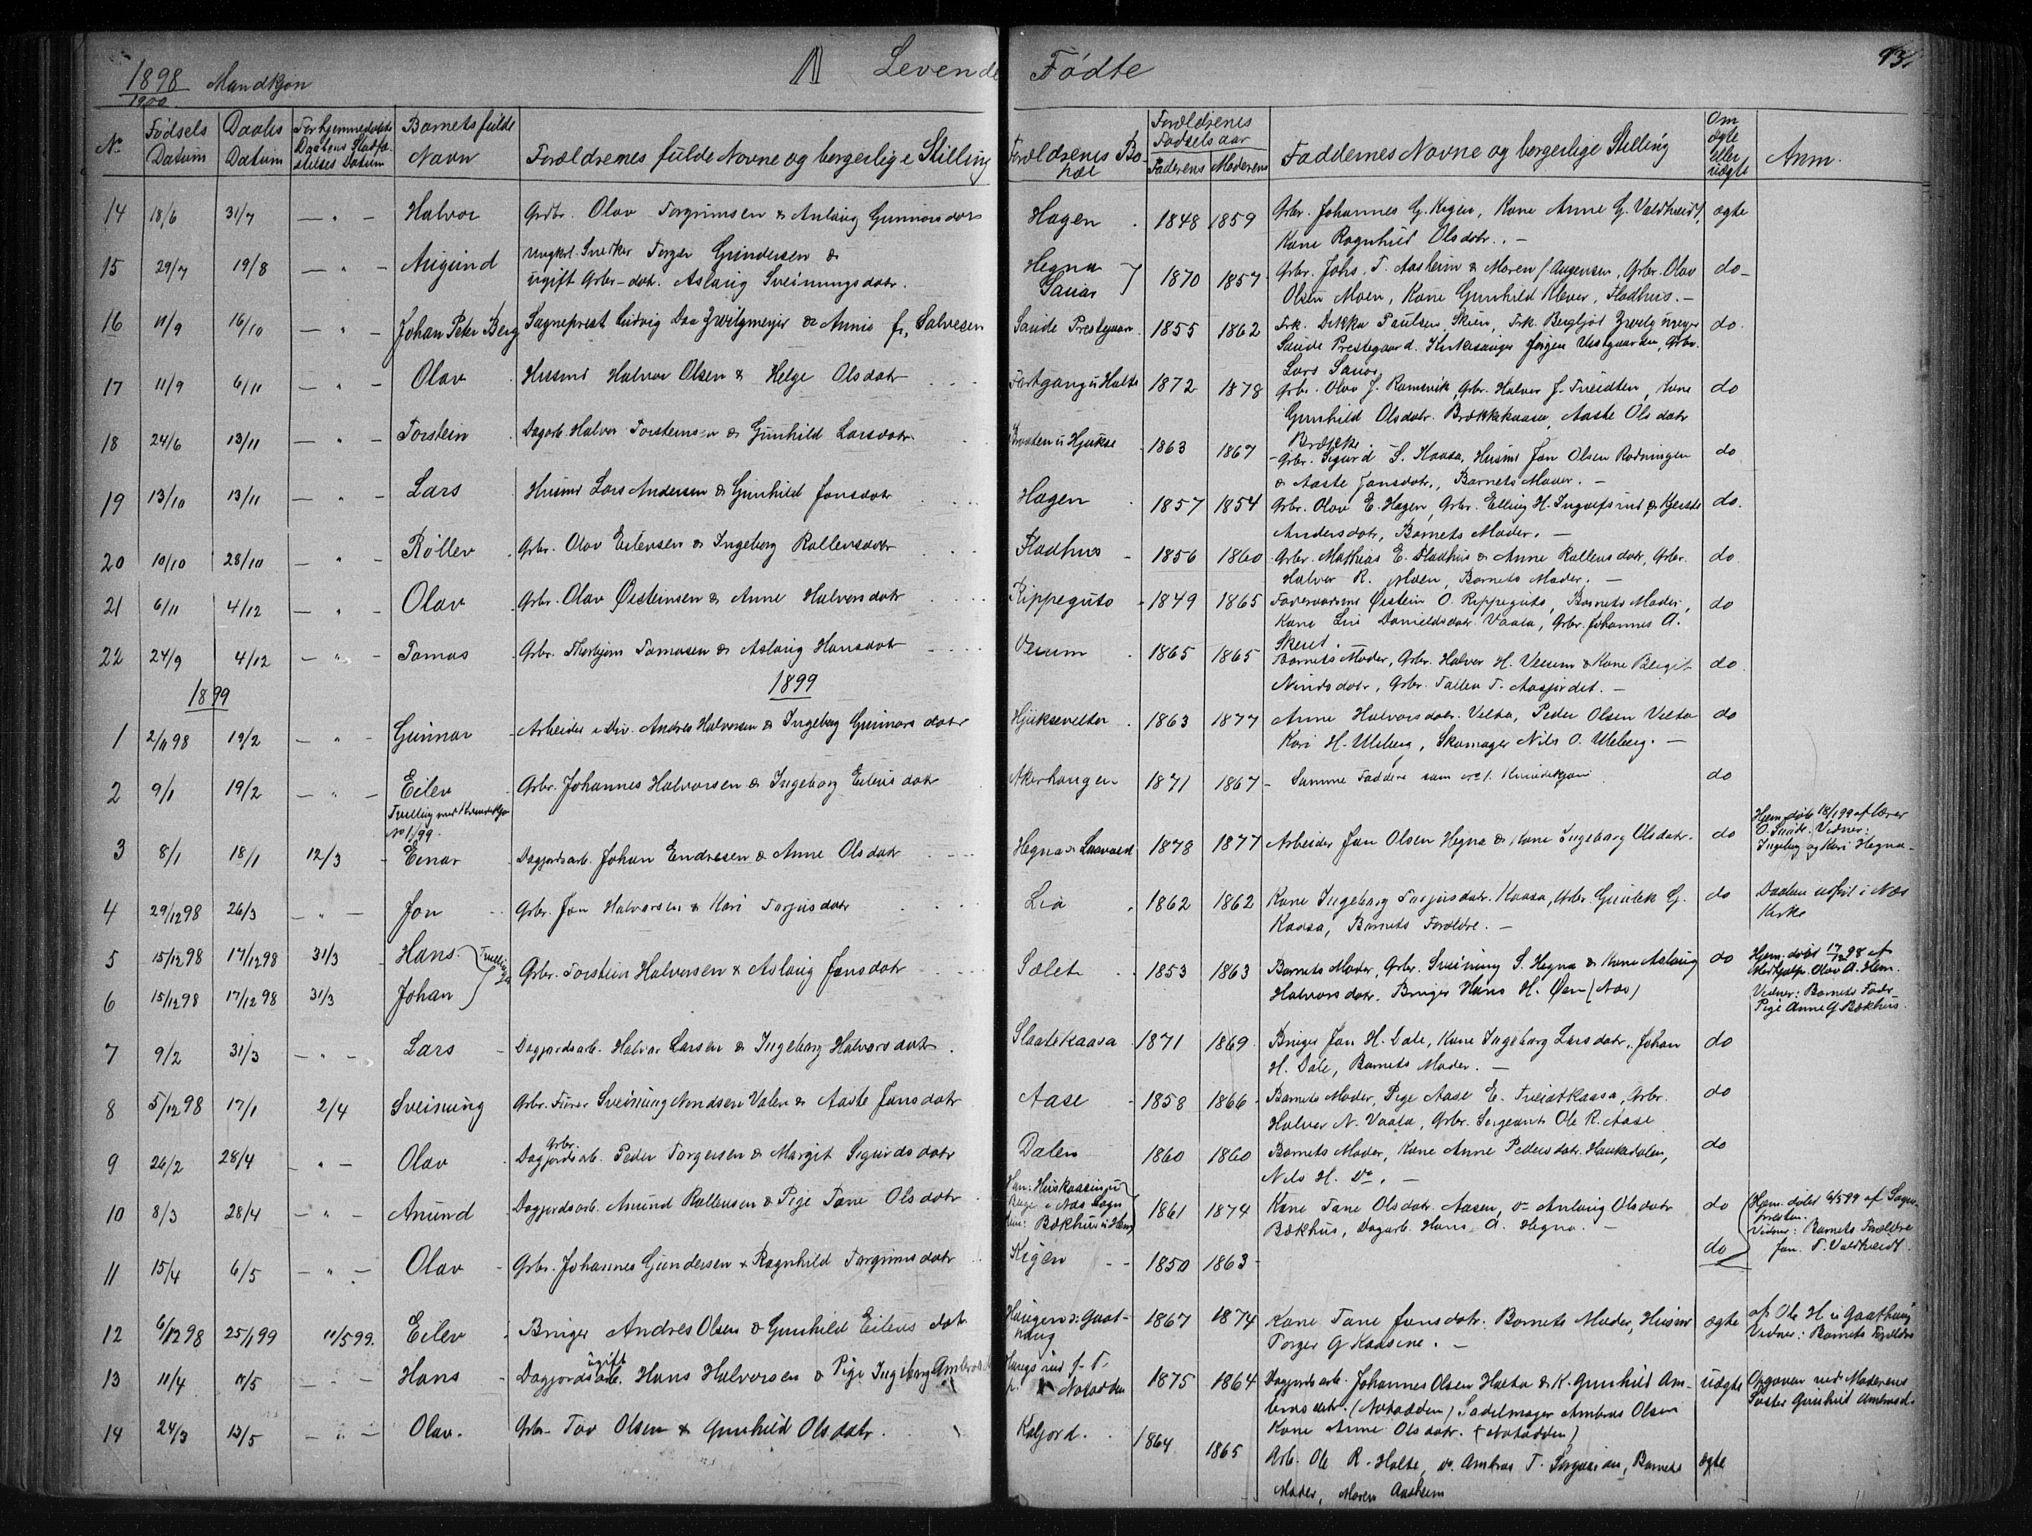 SAKO, Sauherad kirkebøker, G/Ga/L0003: Klokkerbok nr. I 3, 1866-1905, s. 93